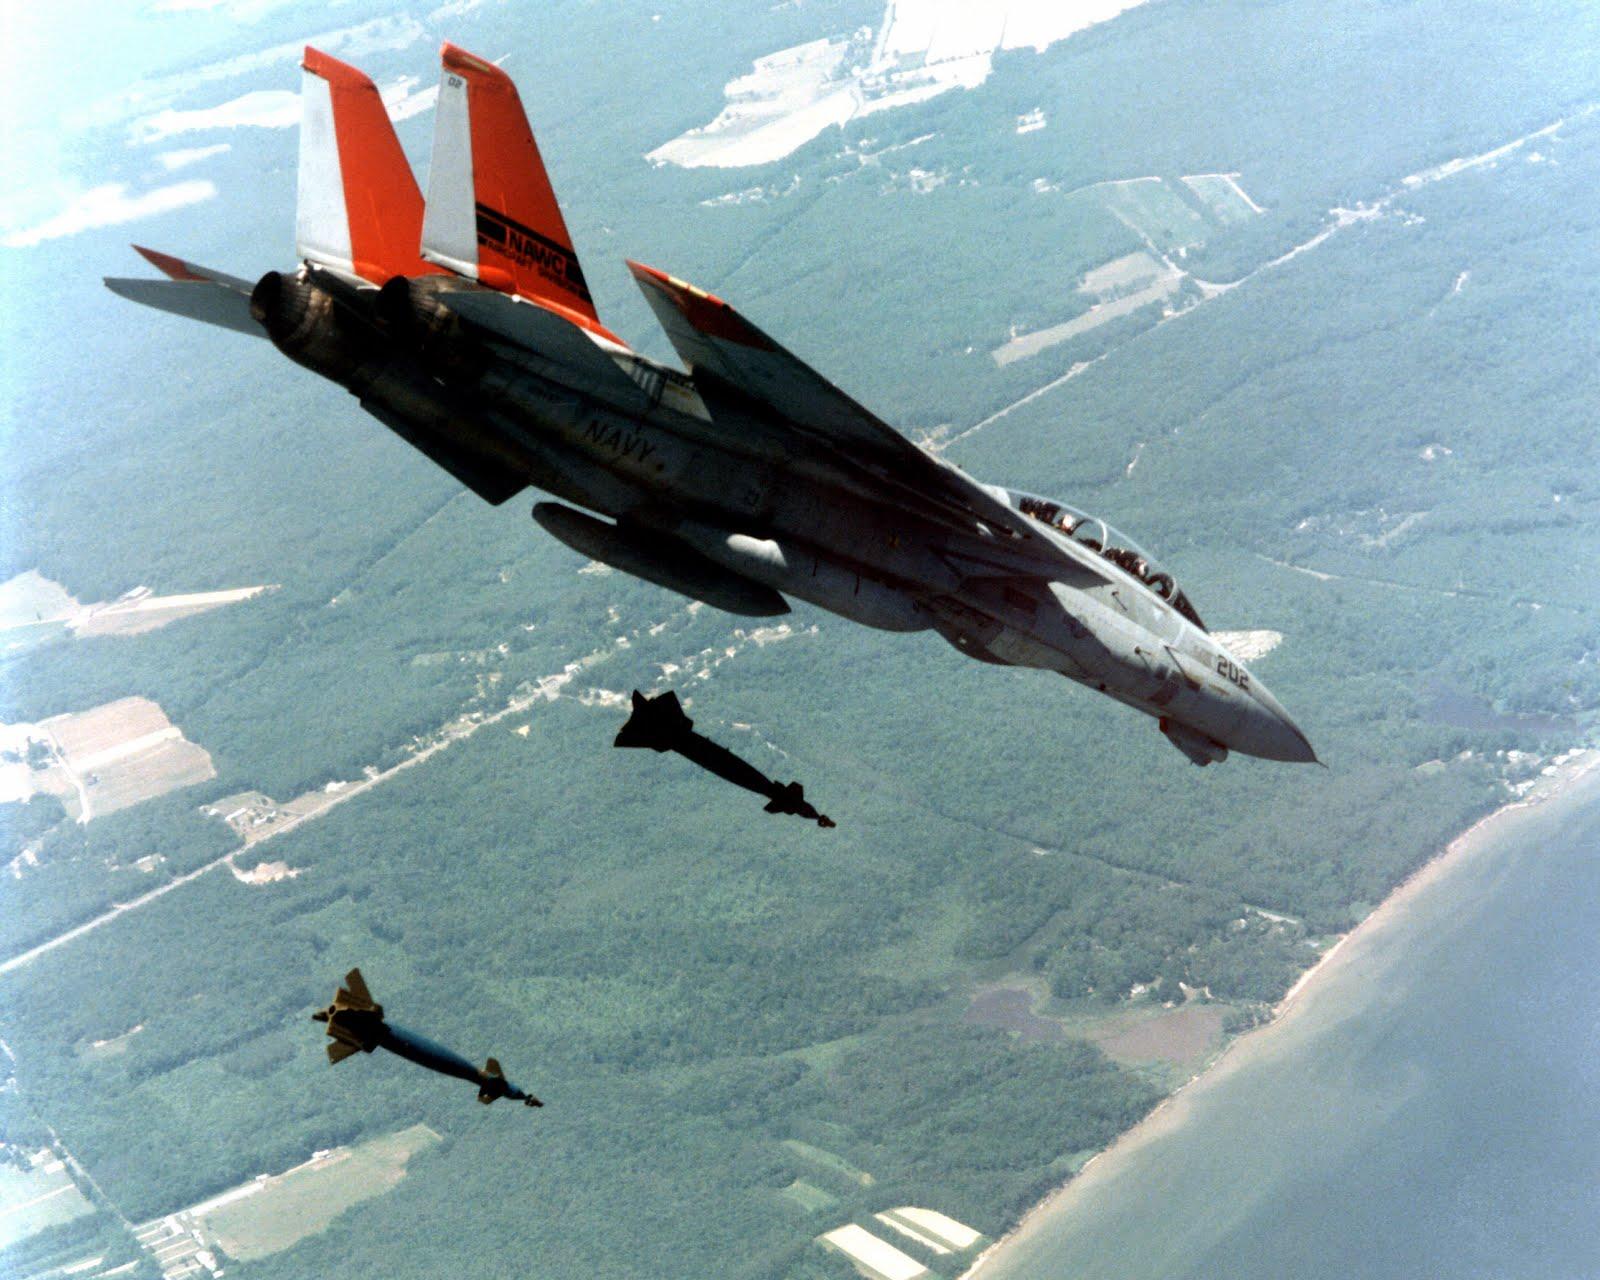 F-14A_NAWC_LGBs.JPEG